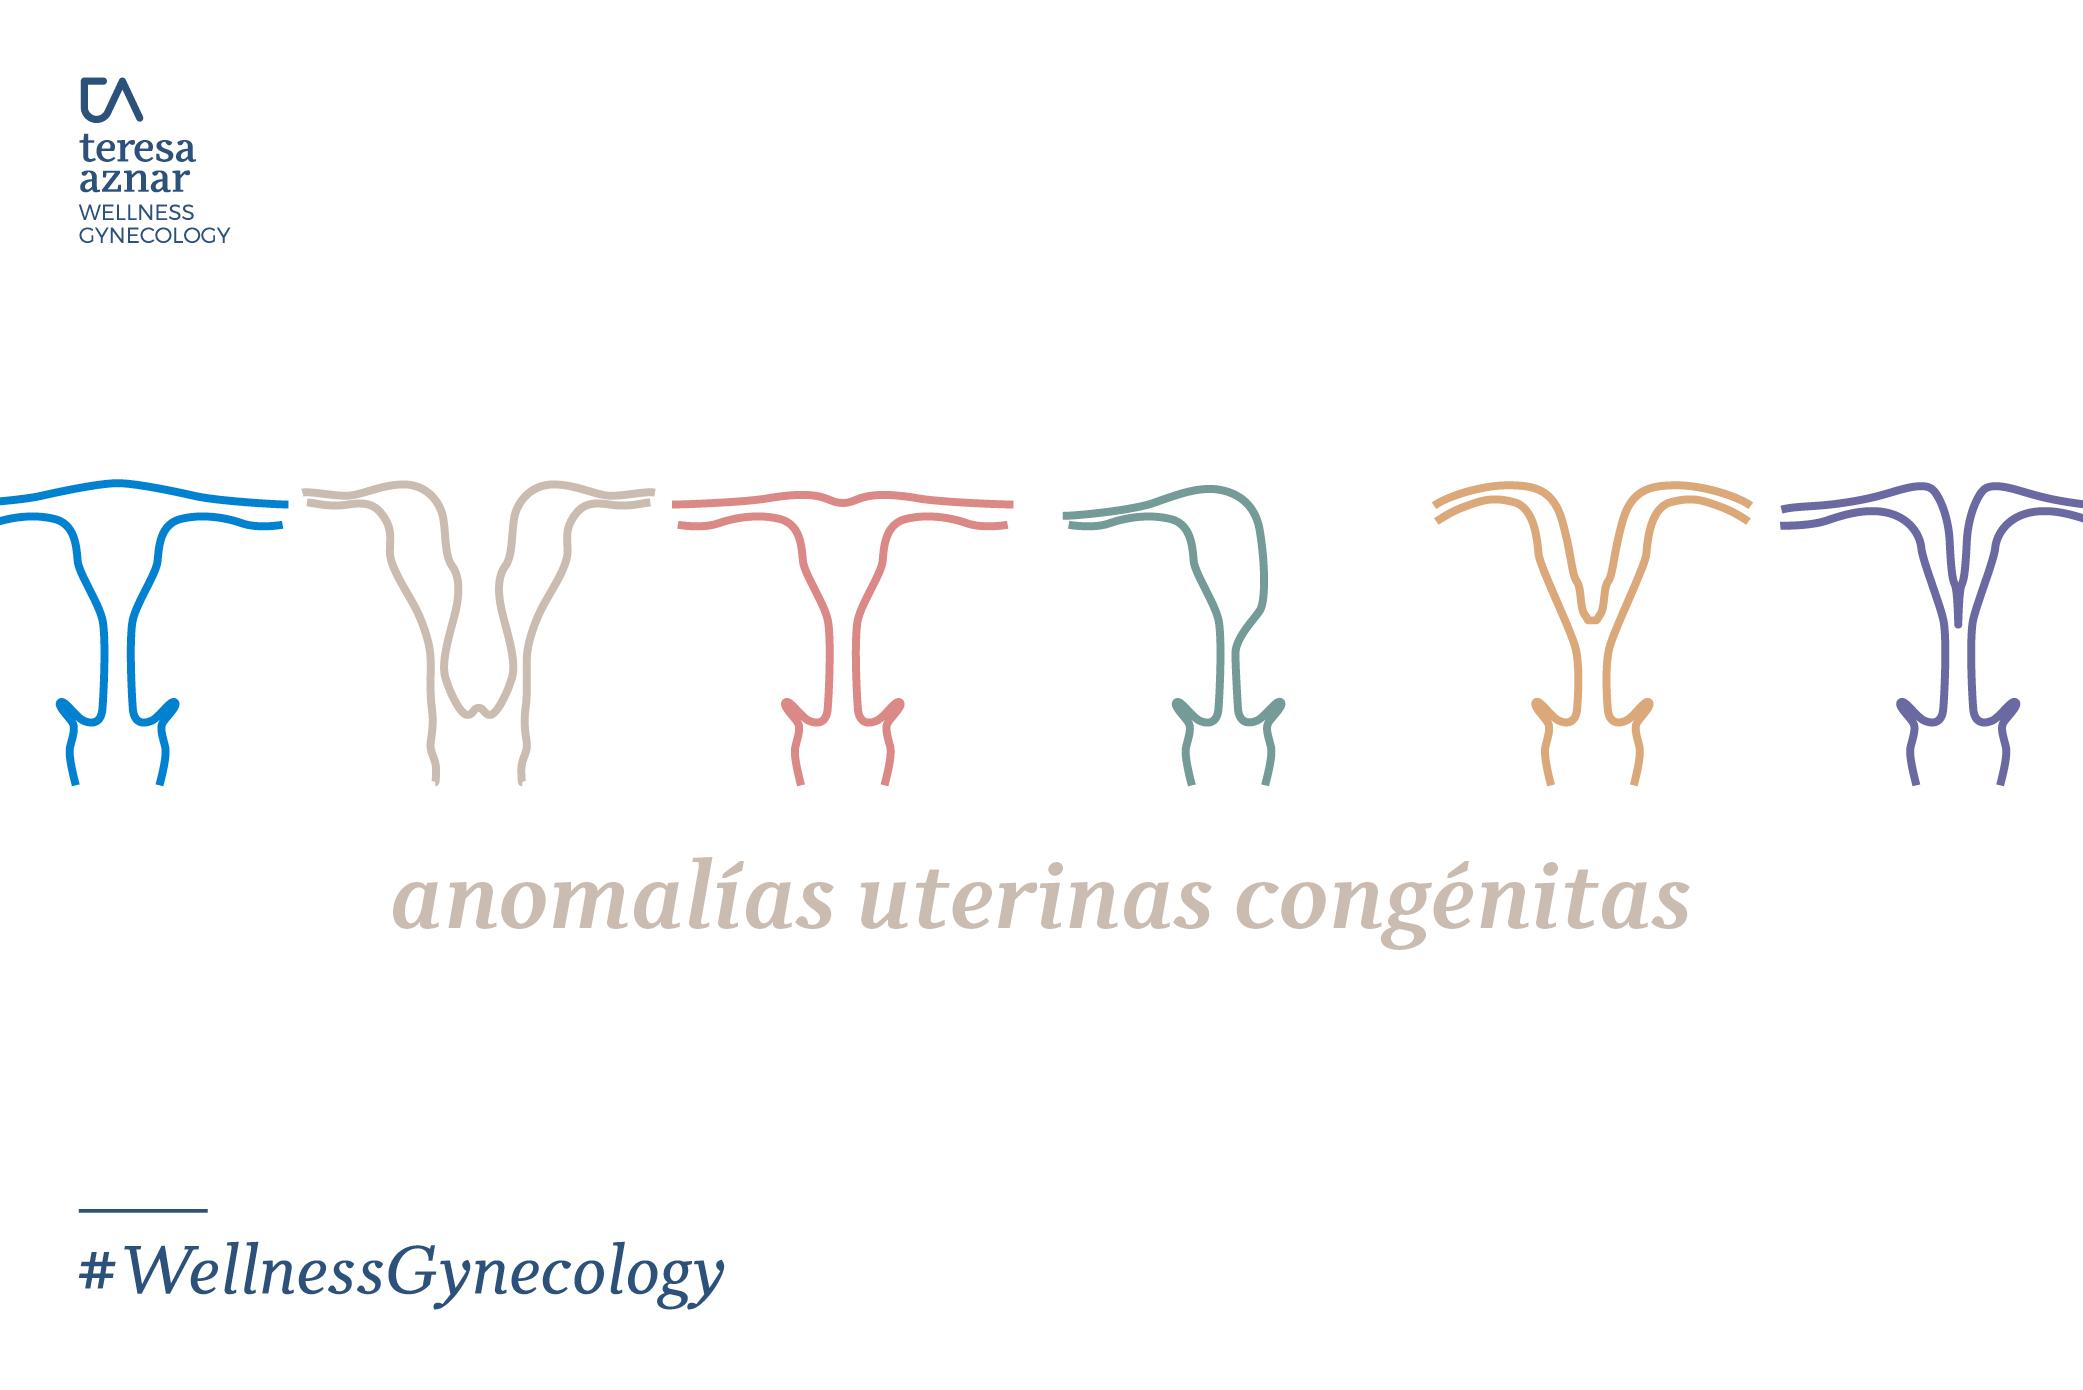 Anomalías uterinas congénitas